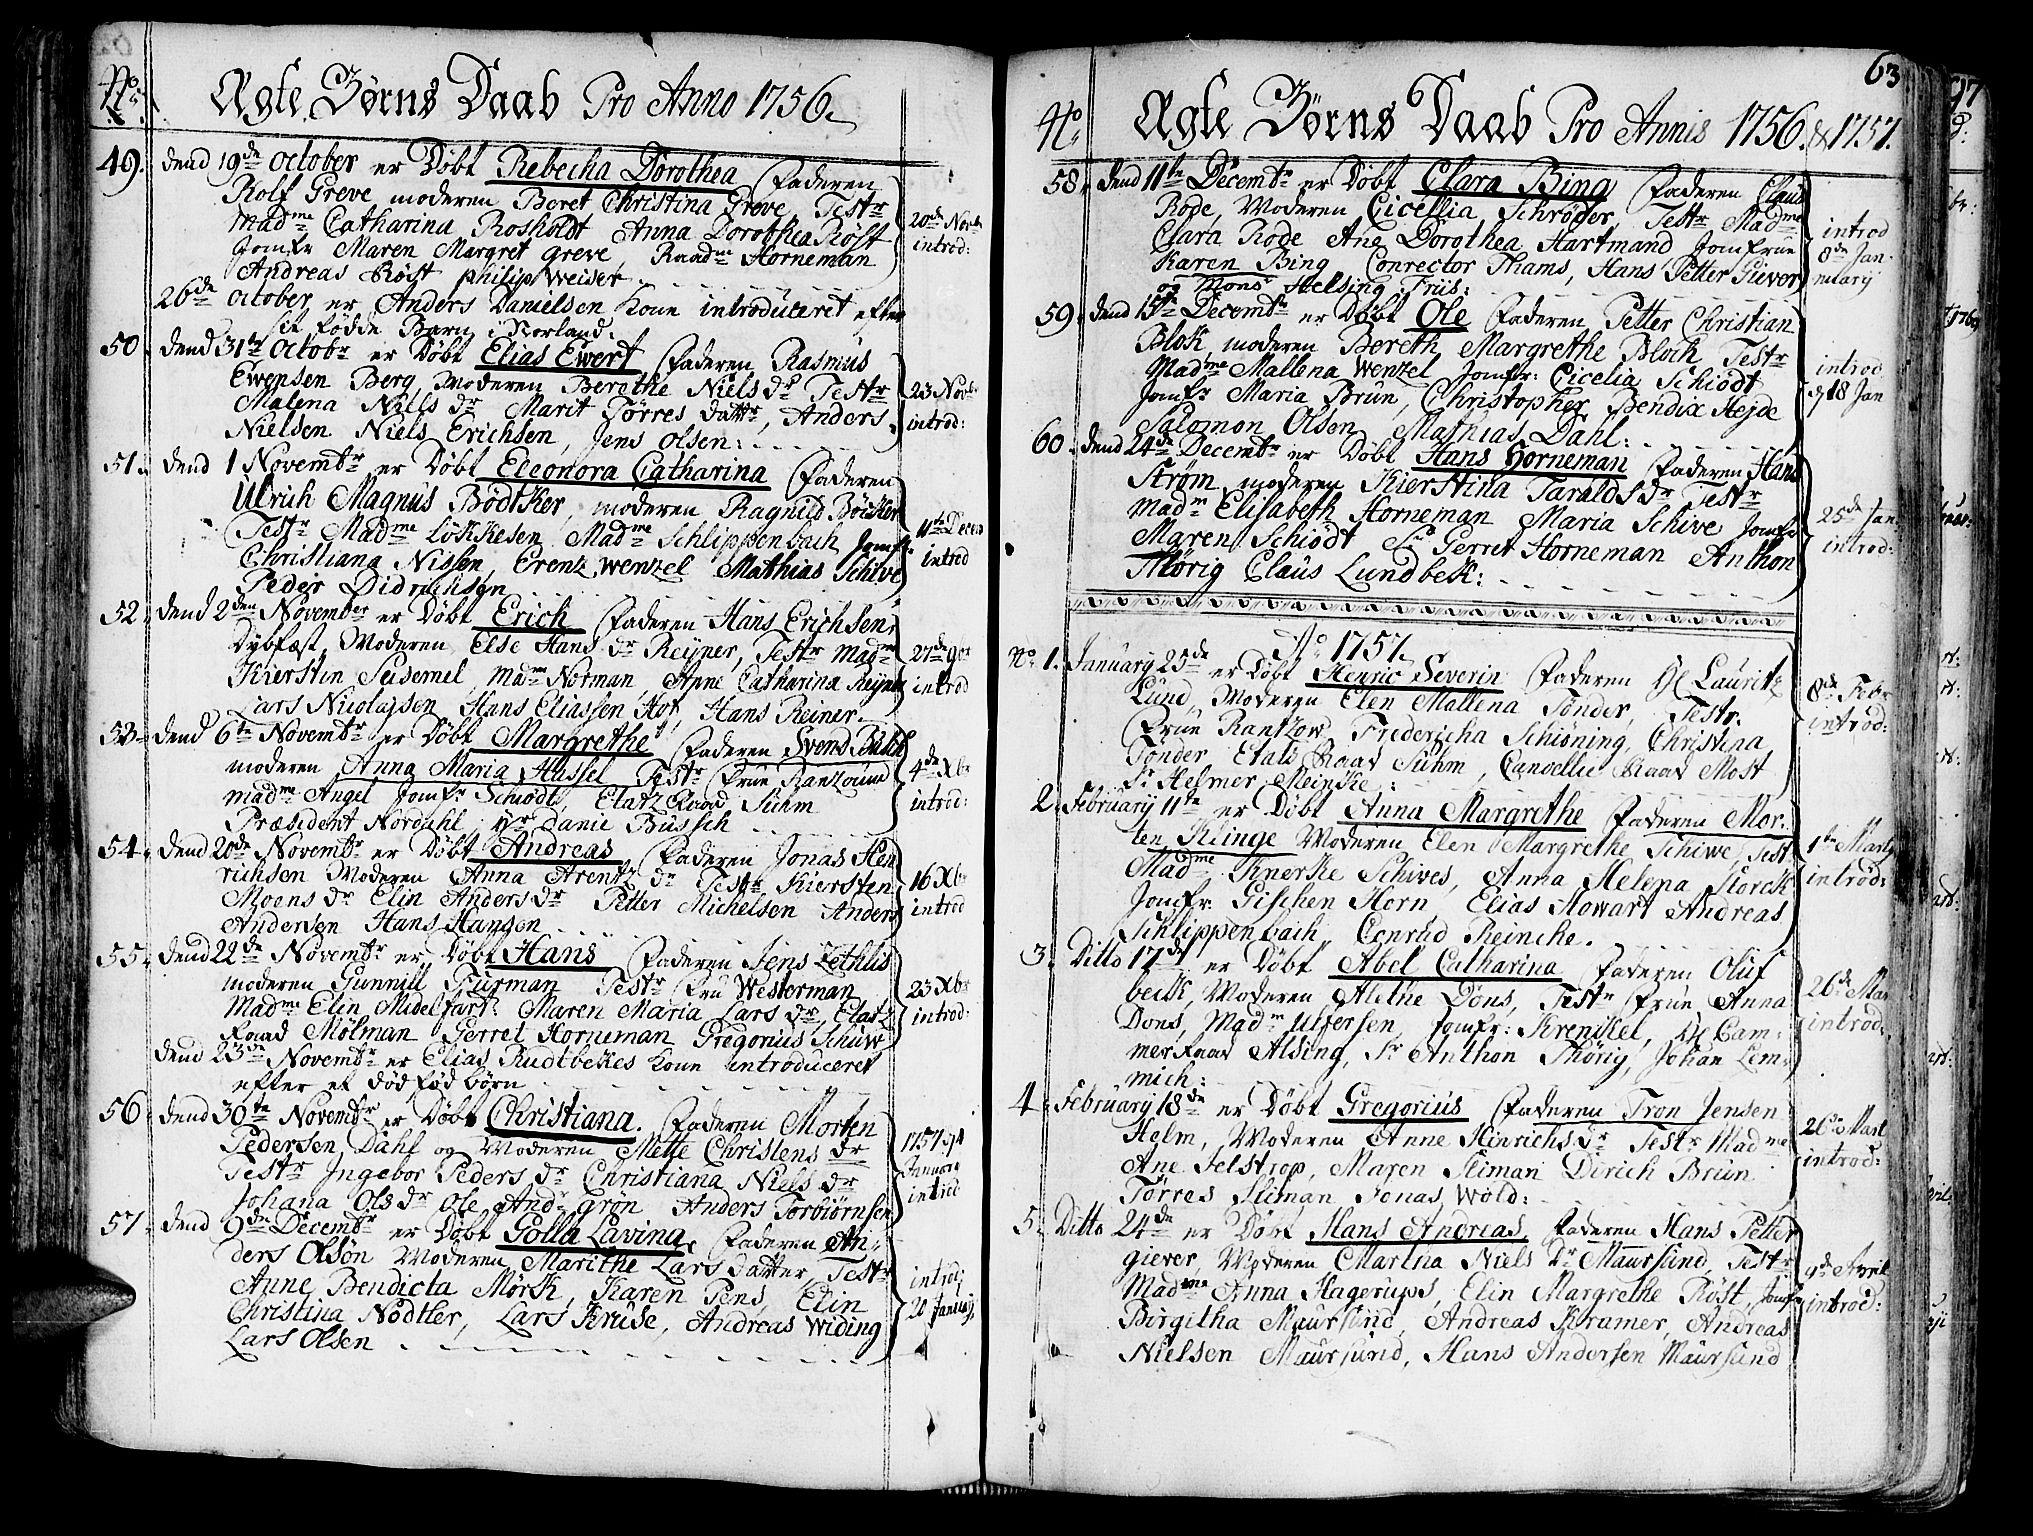 SAT, Ministerialprotokoller, klokkerbøker og fødselsregistre - Sør-Trøndelag, 602/L0103: Ministerialbok nr. 602A01, 1732-1774, s. 63